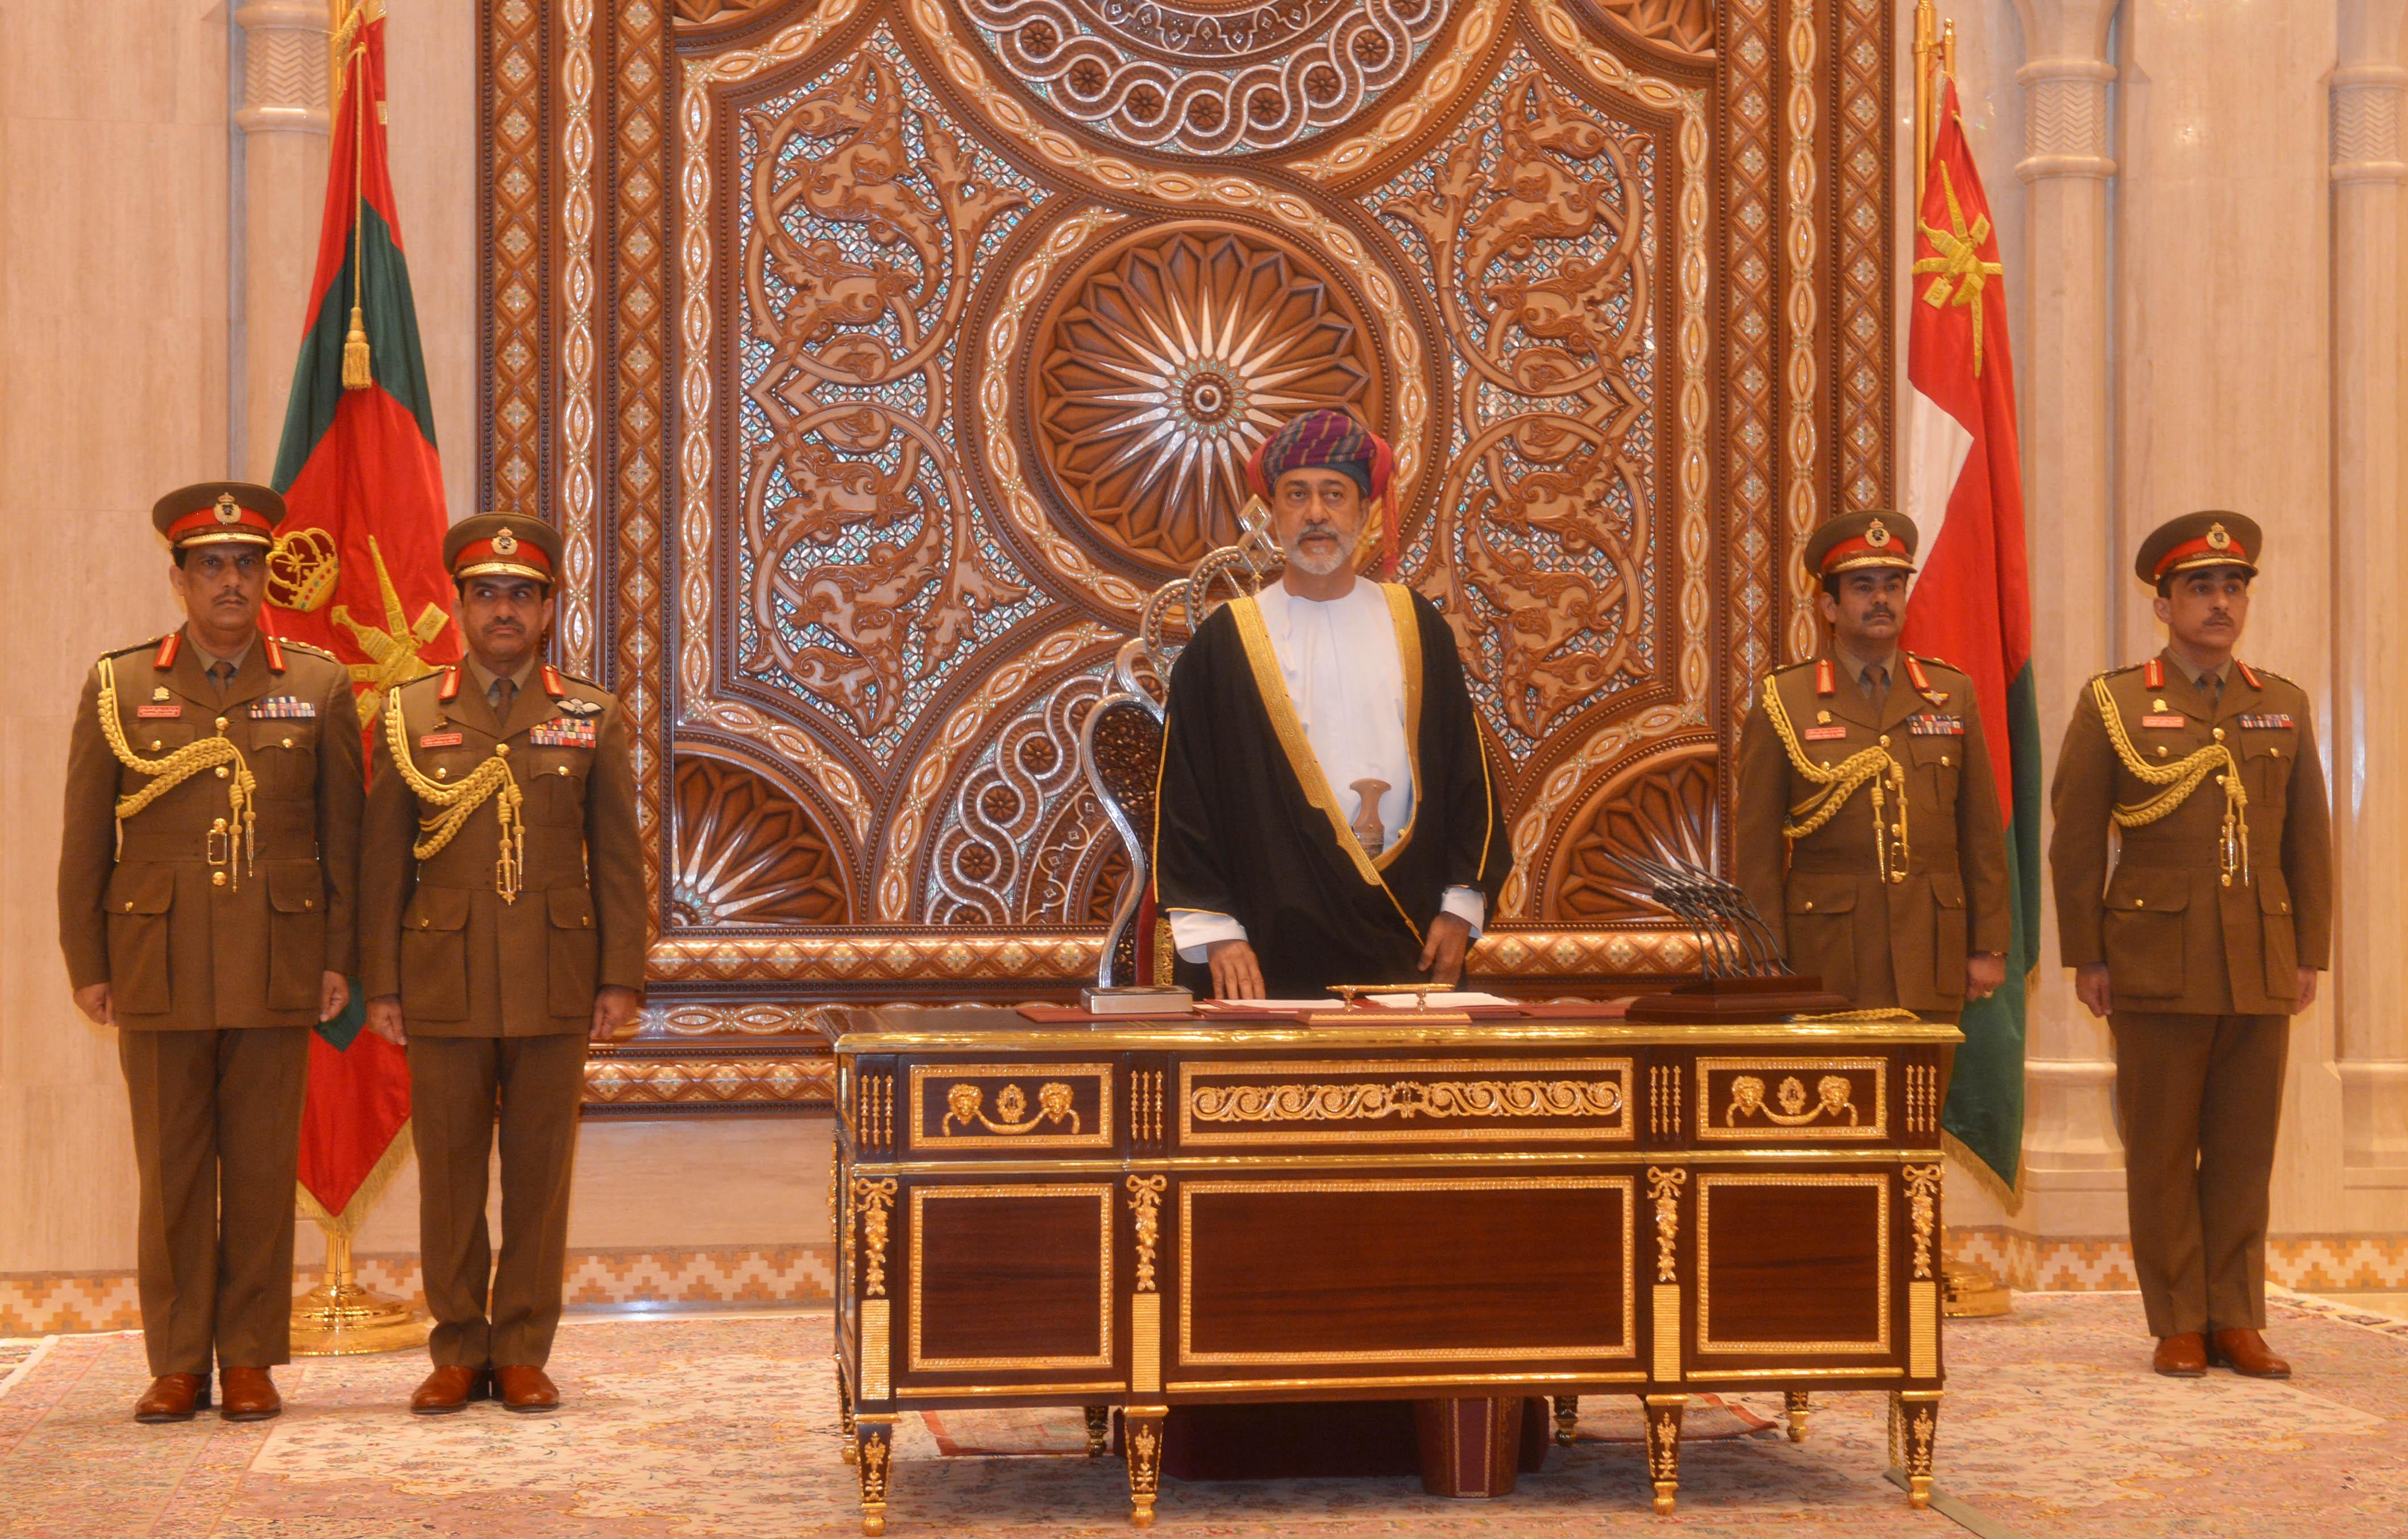 سلطان عمان هيثم بن طارق يؤدي قسم اليمين